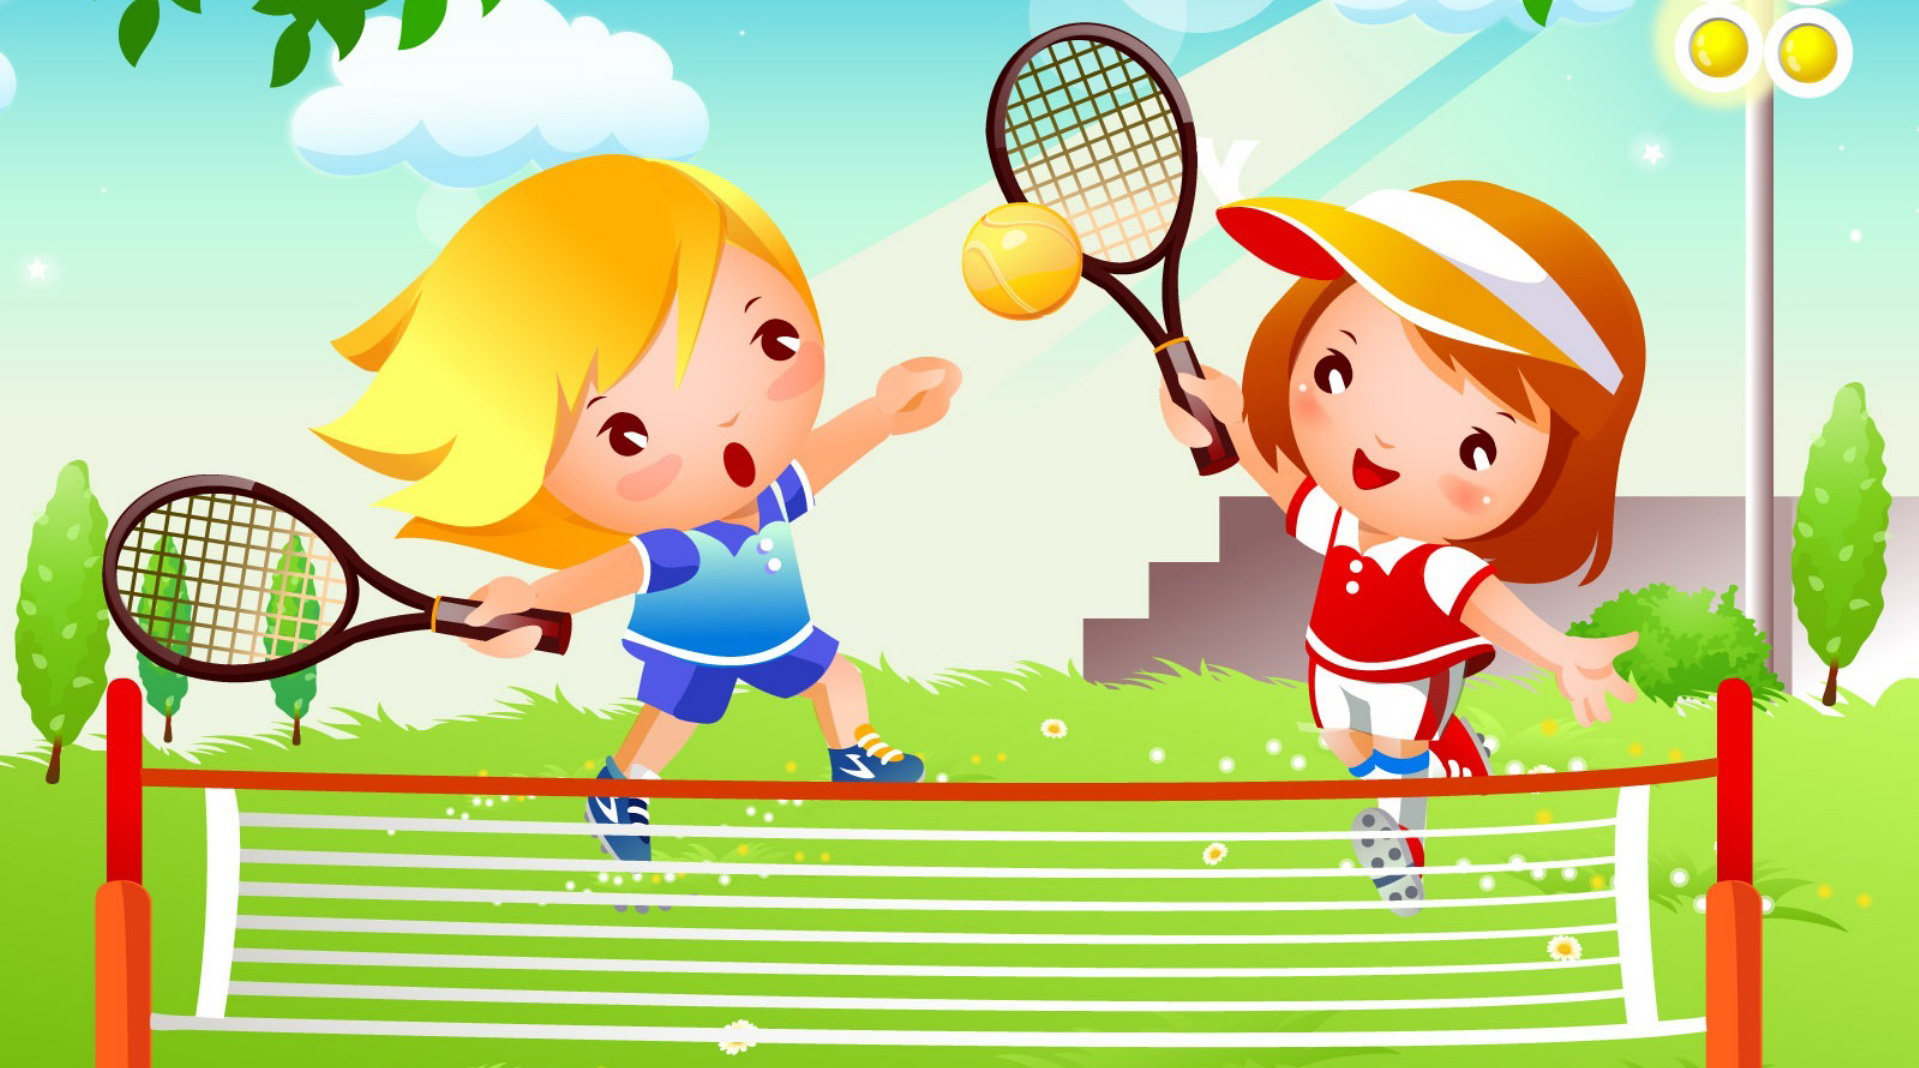 Теннис что это? значение слова теннис